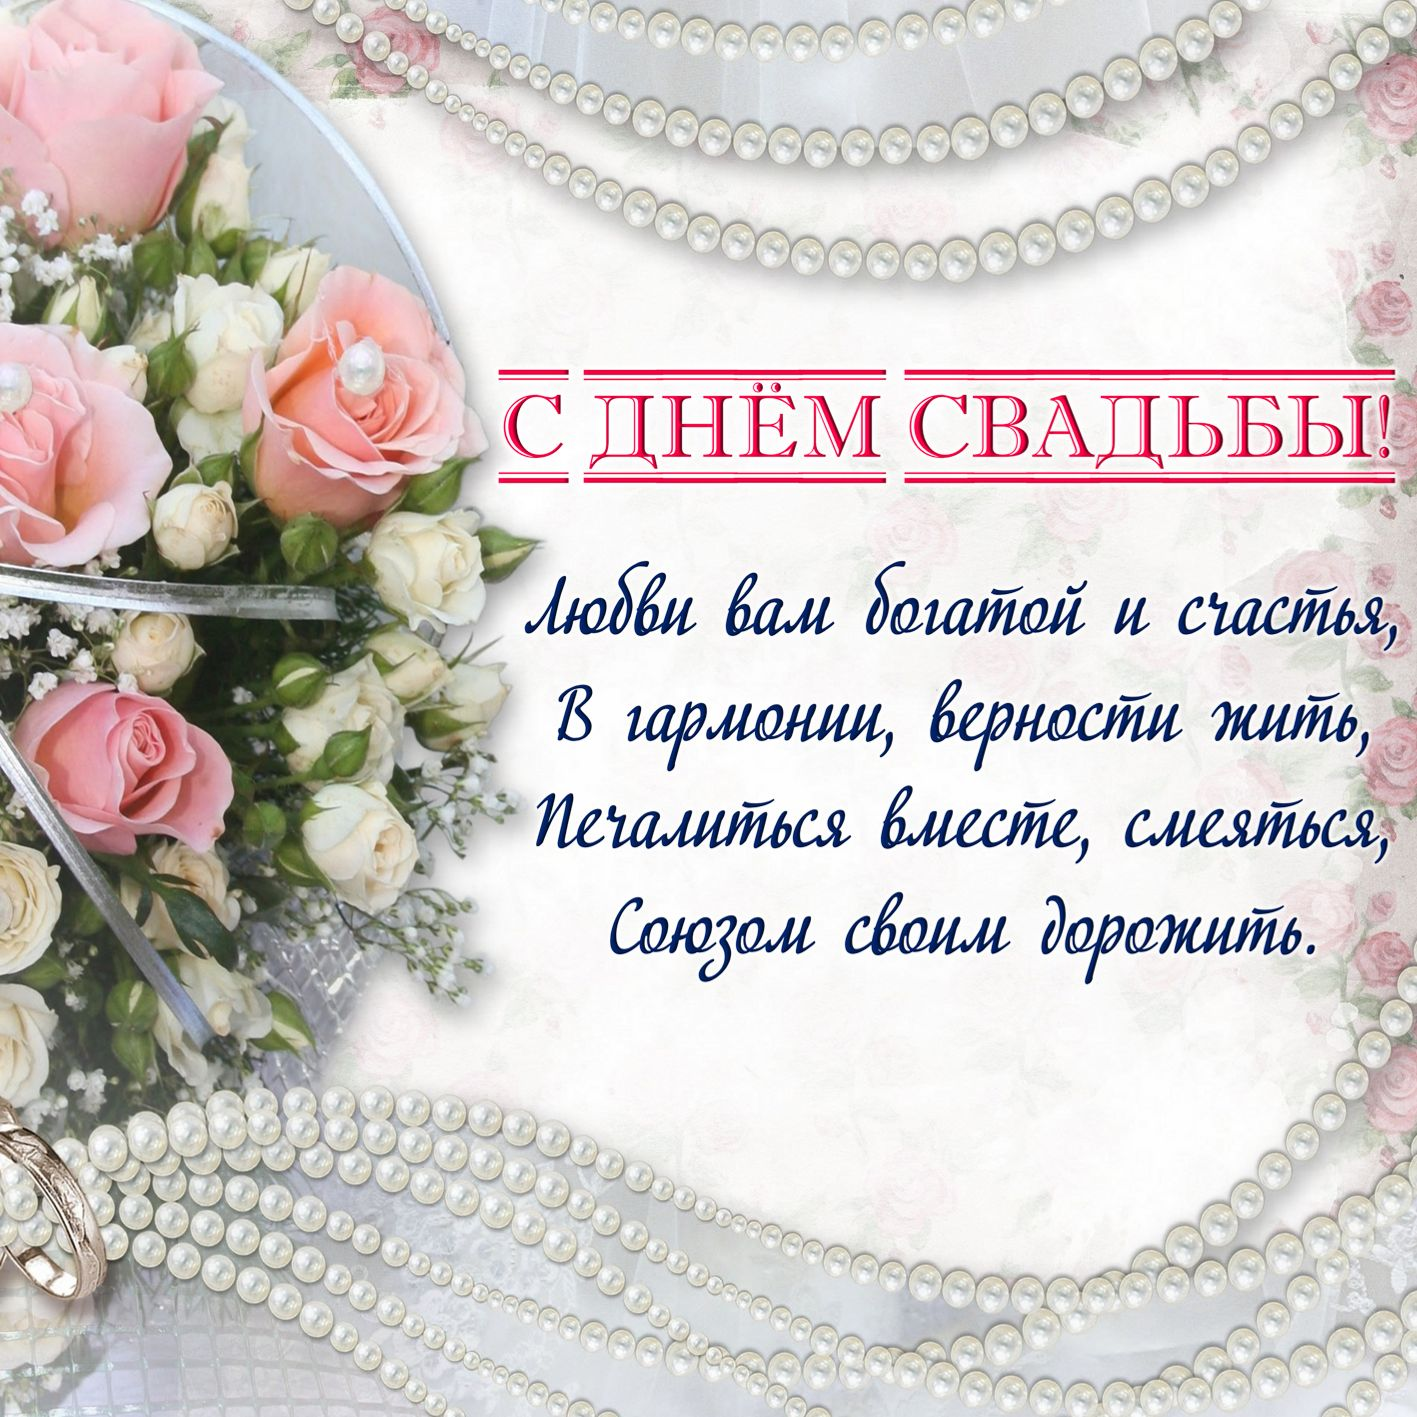 Стихи открытках, поздравления картинки с свадьбой